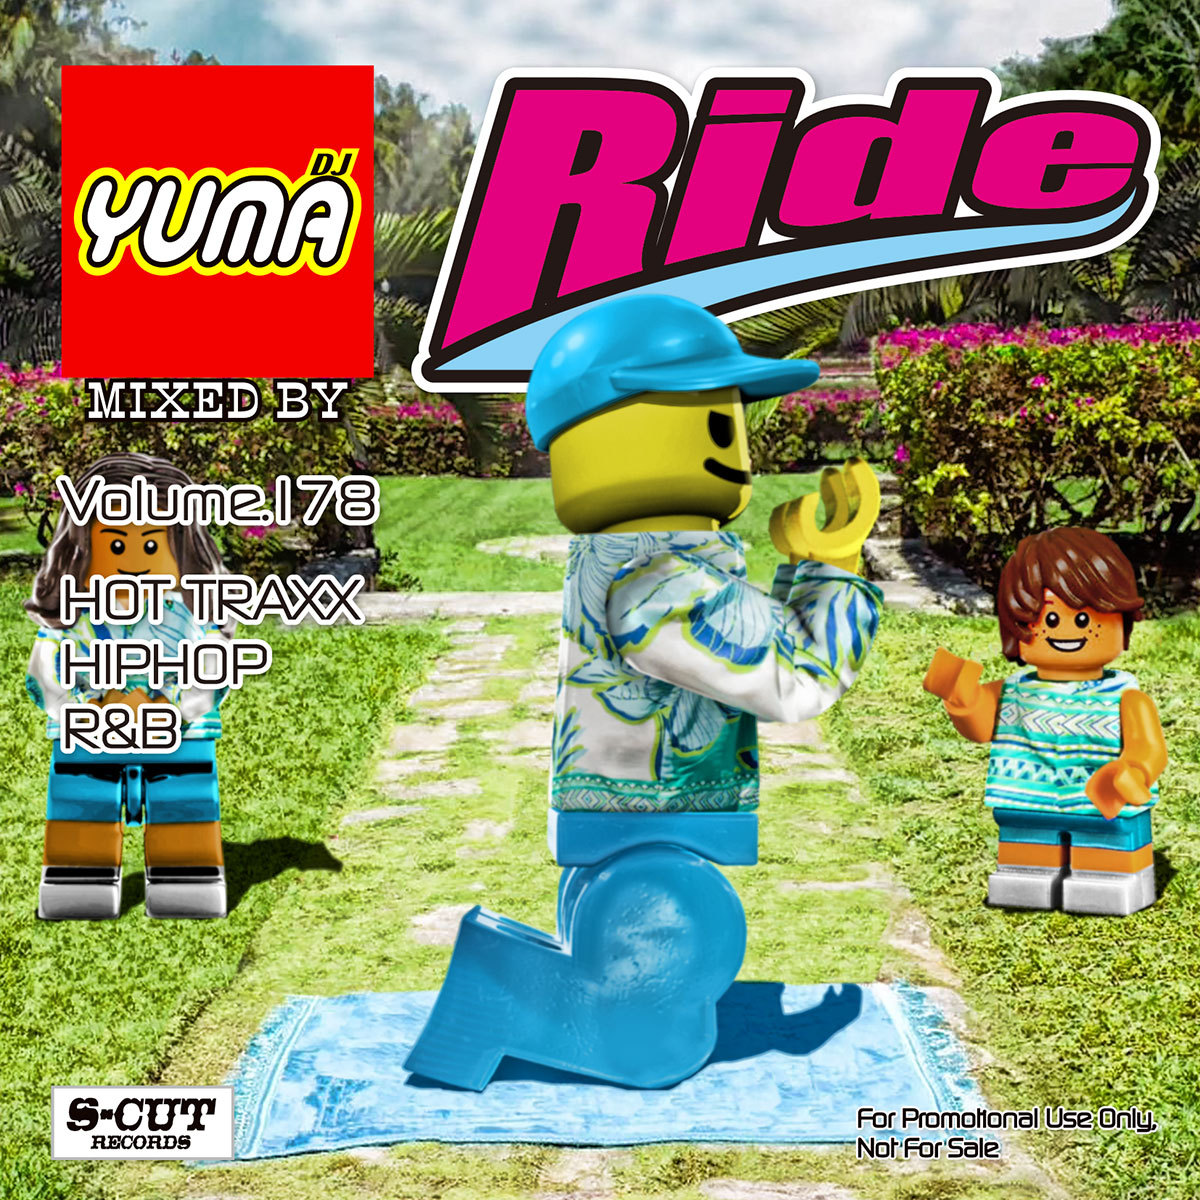 新譜 ヒップホップ R&B 2021 6月 発売 Jコール ポストマローンRide Vol.178 / DJ Yuma